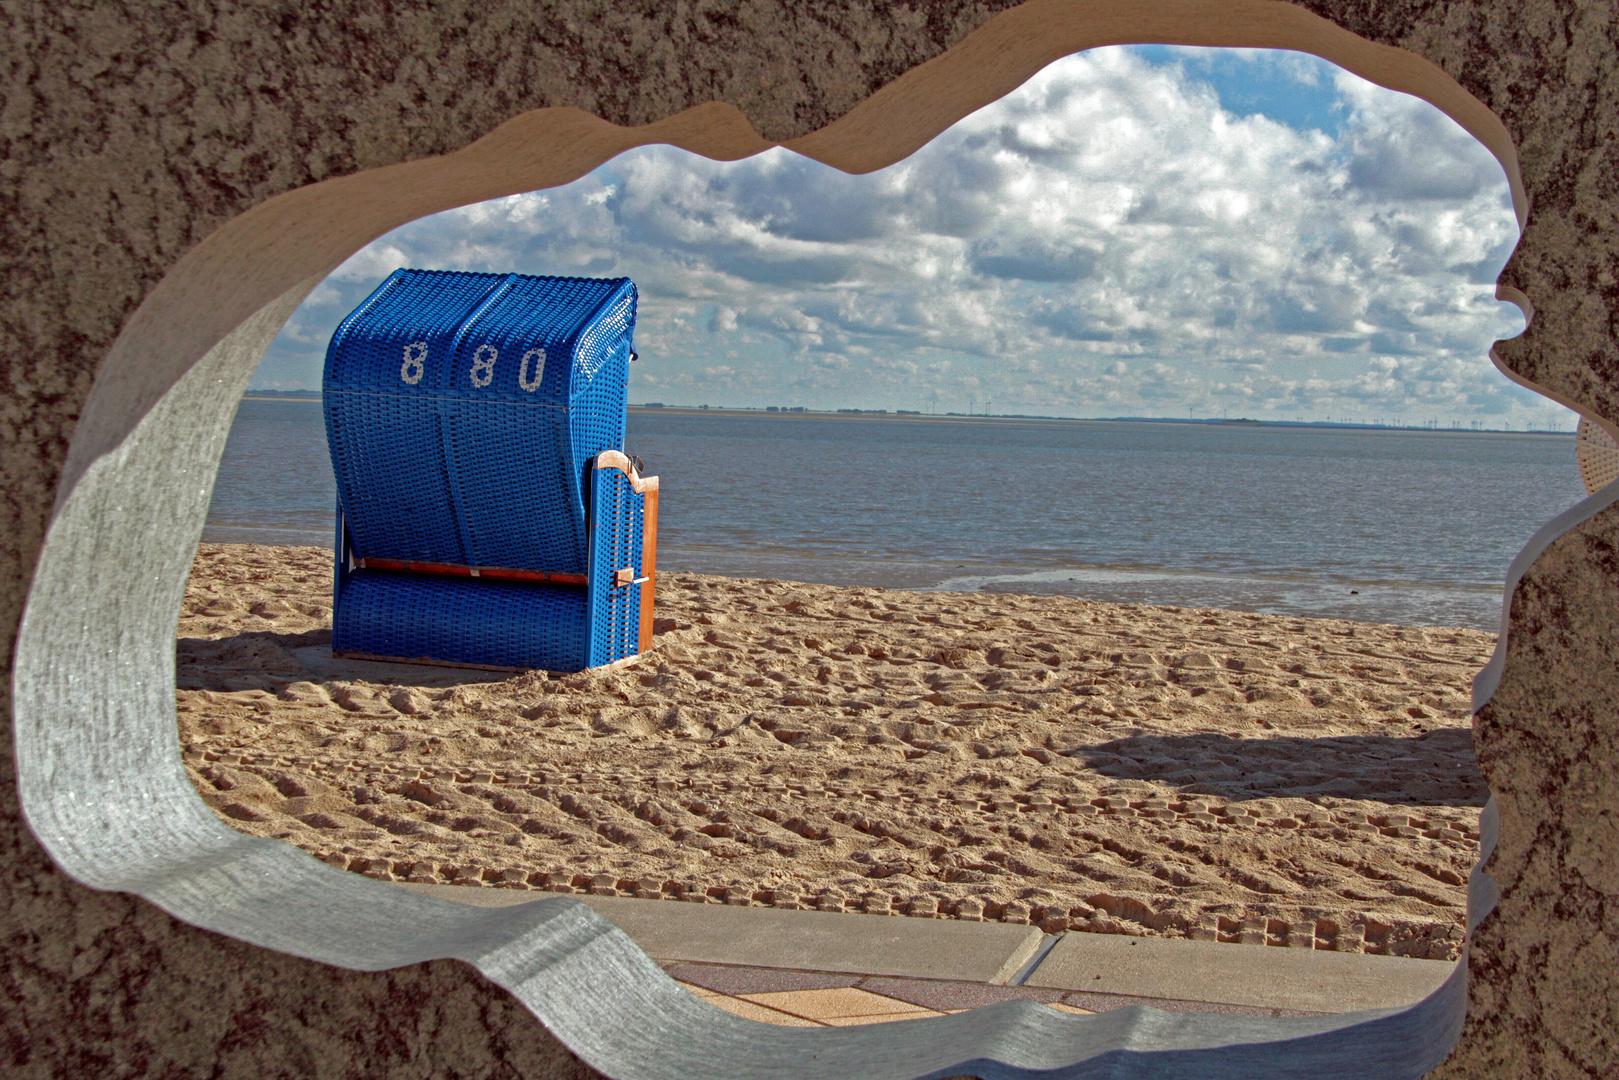 Durchblick zum Strandkorb